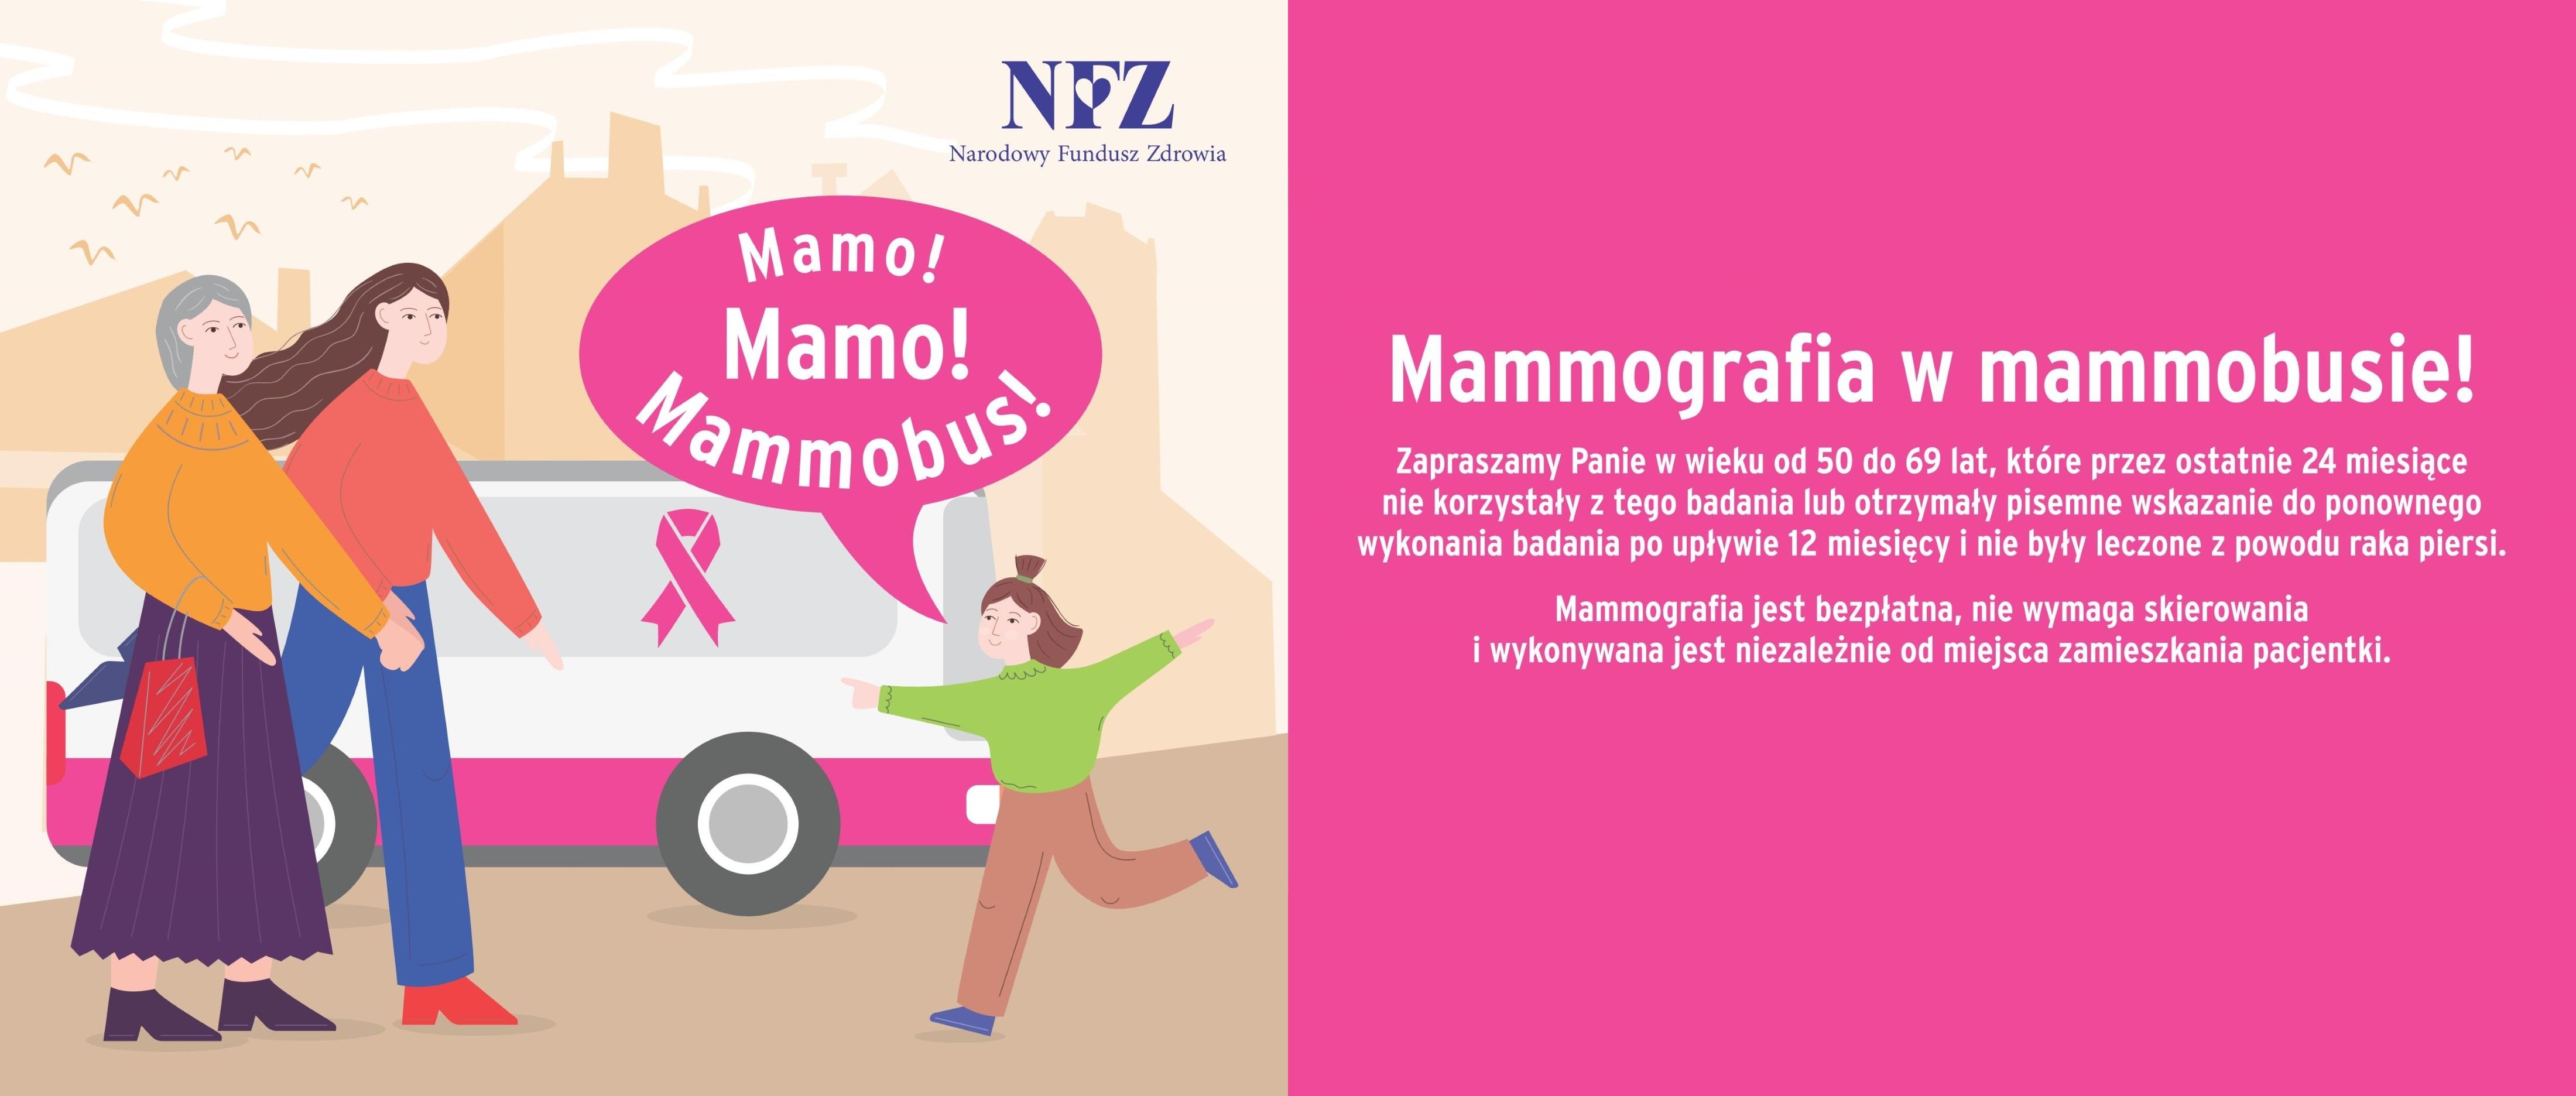 Ilustracja do informacji: Mamo! Zbadaj się w mammobusie!